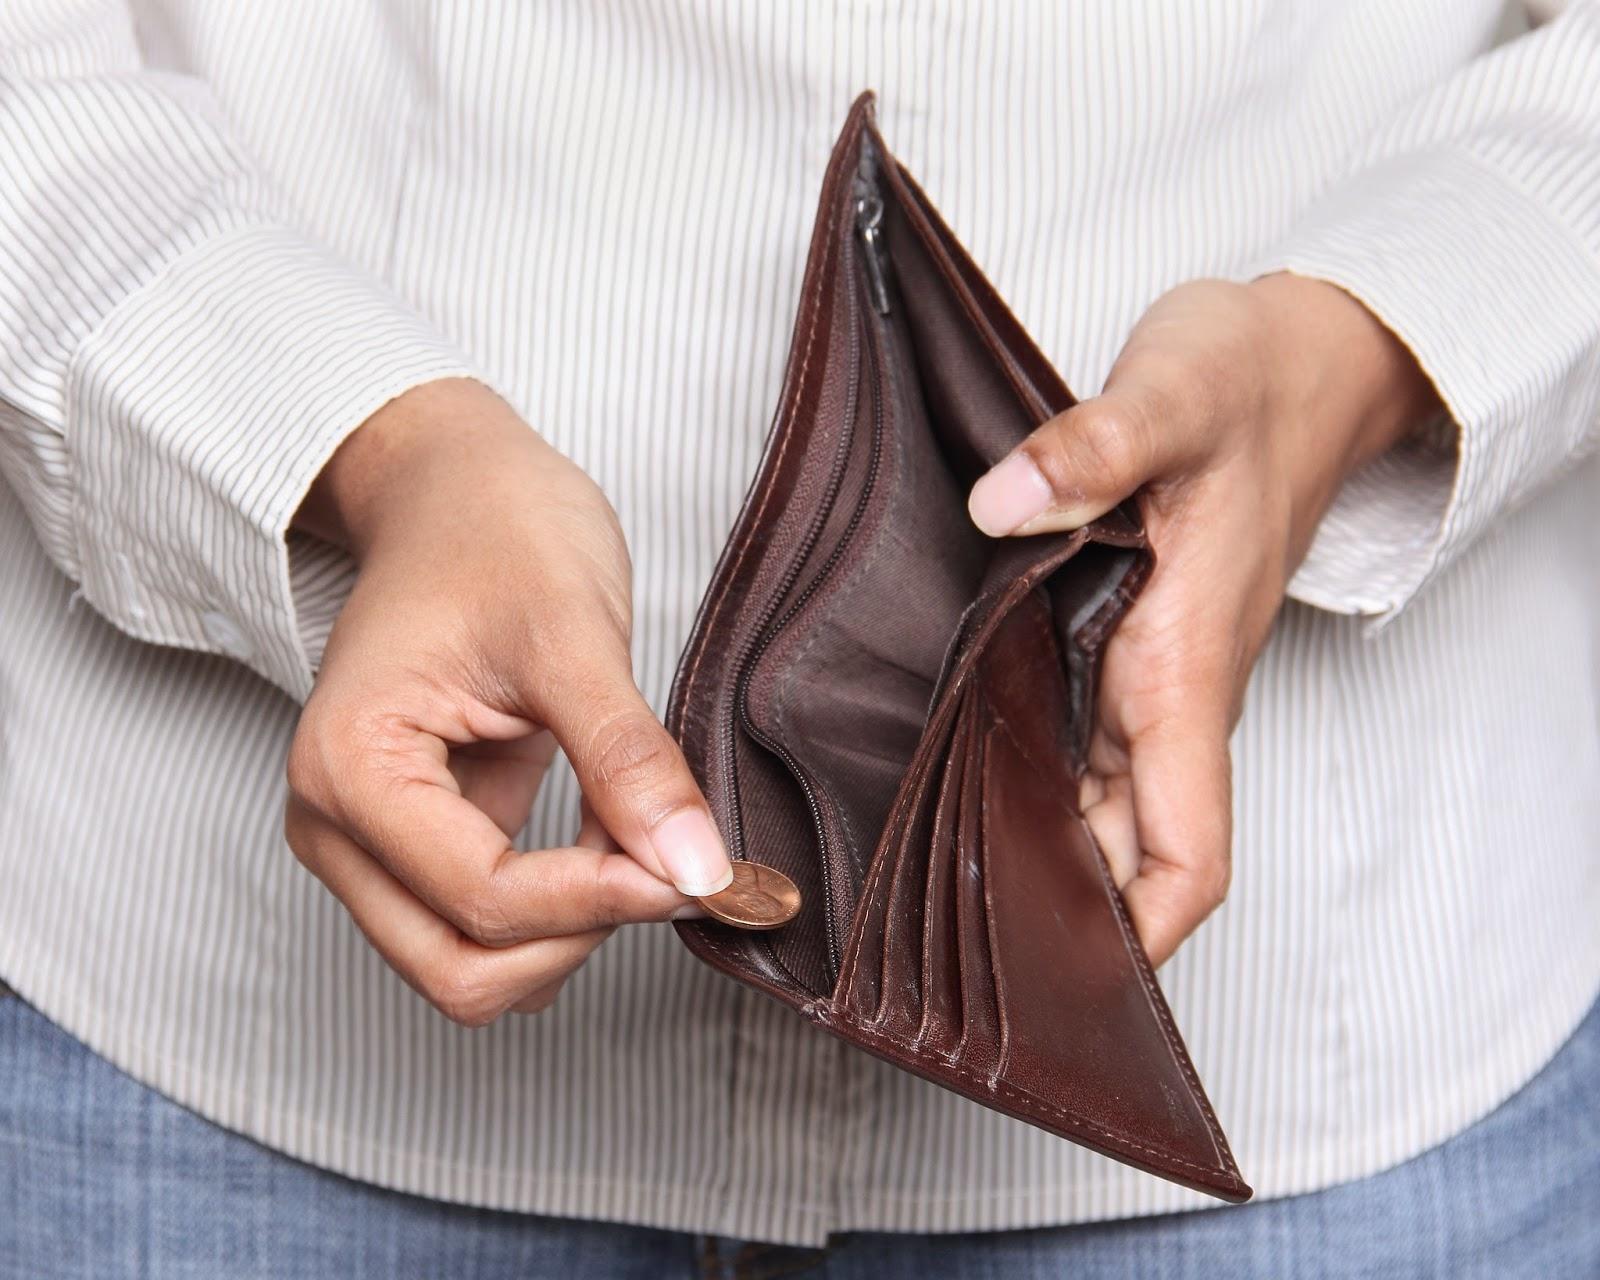 Les paiement en cash sont progressivement rendus illégaux pour vous forcer à passer par les banques.